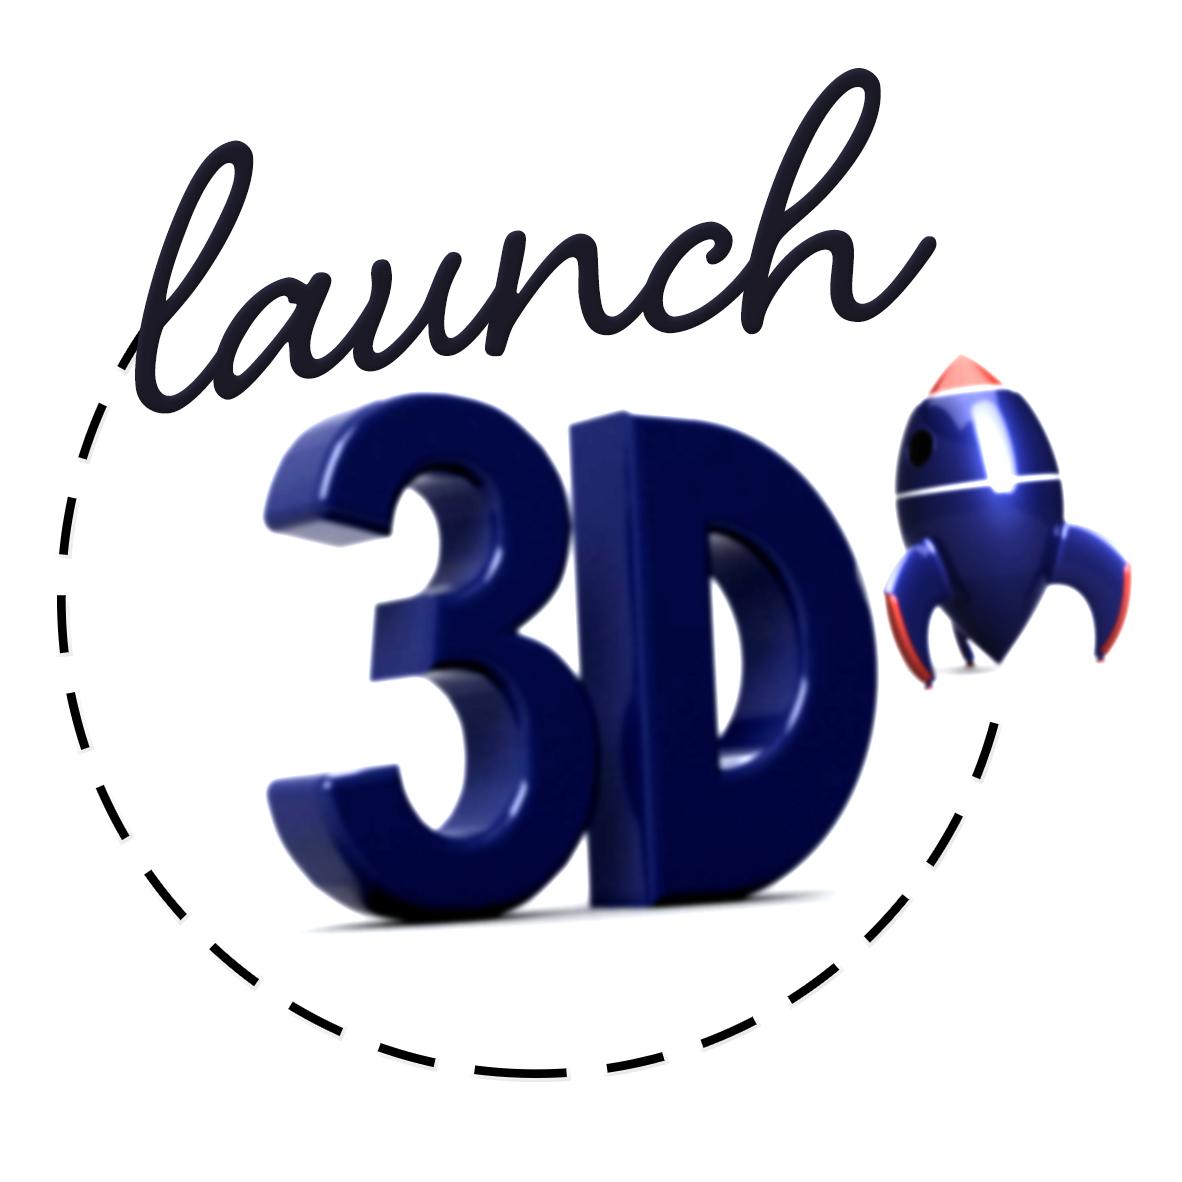 Launch 3D